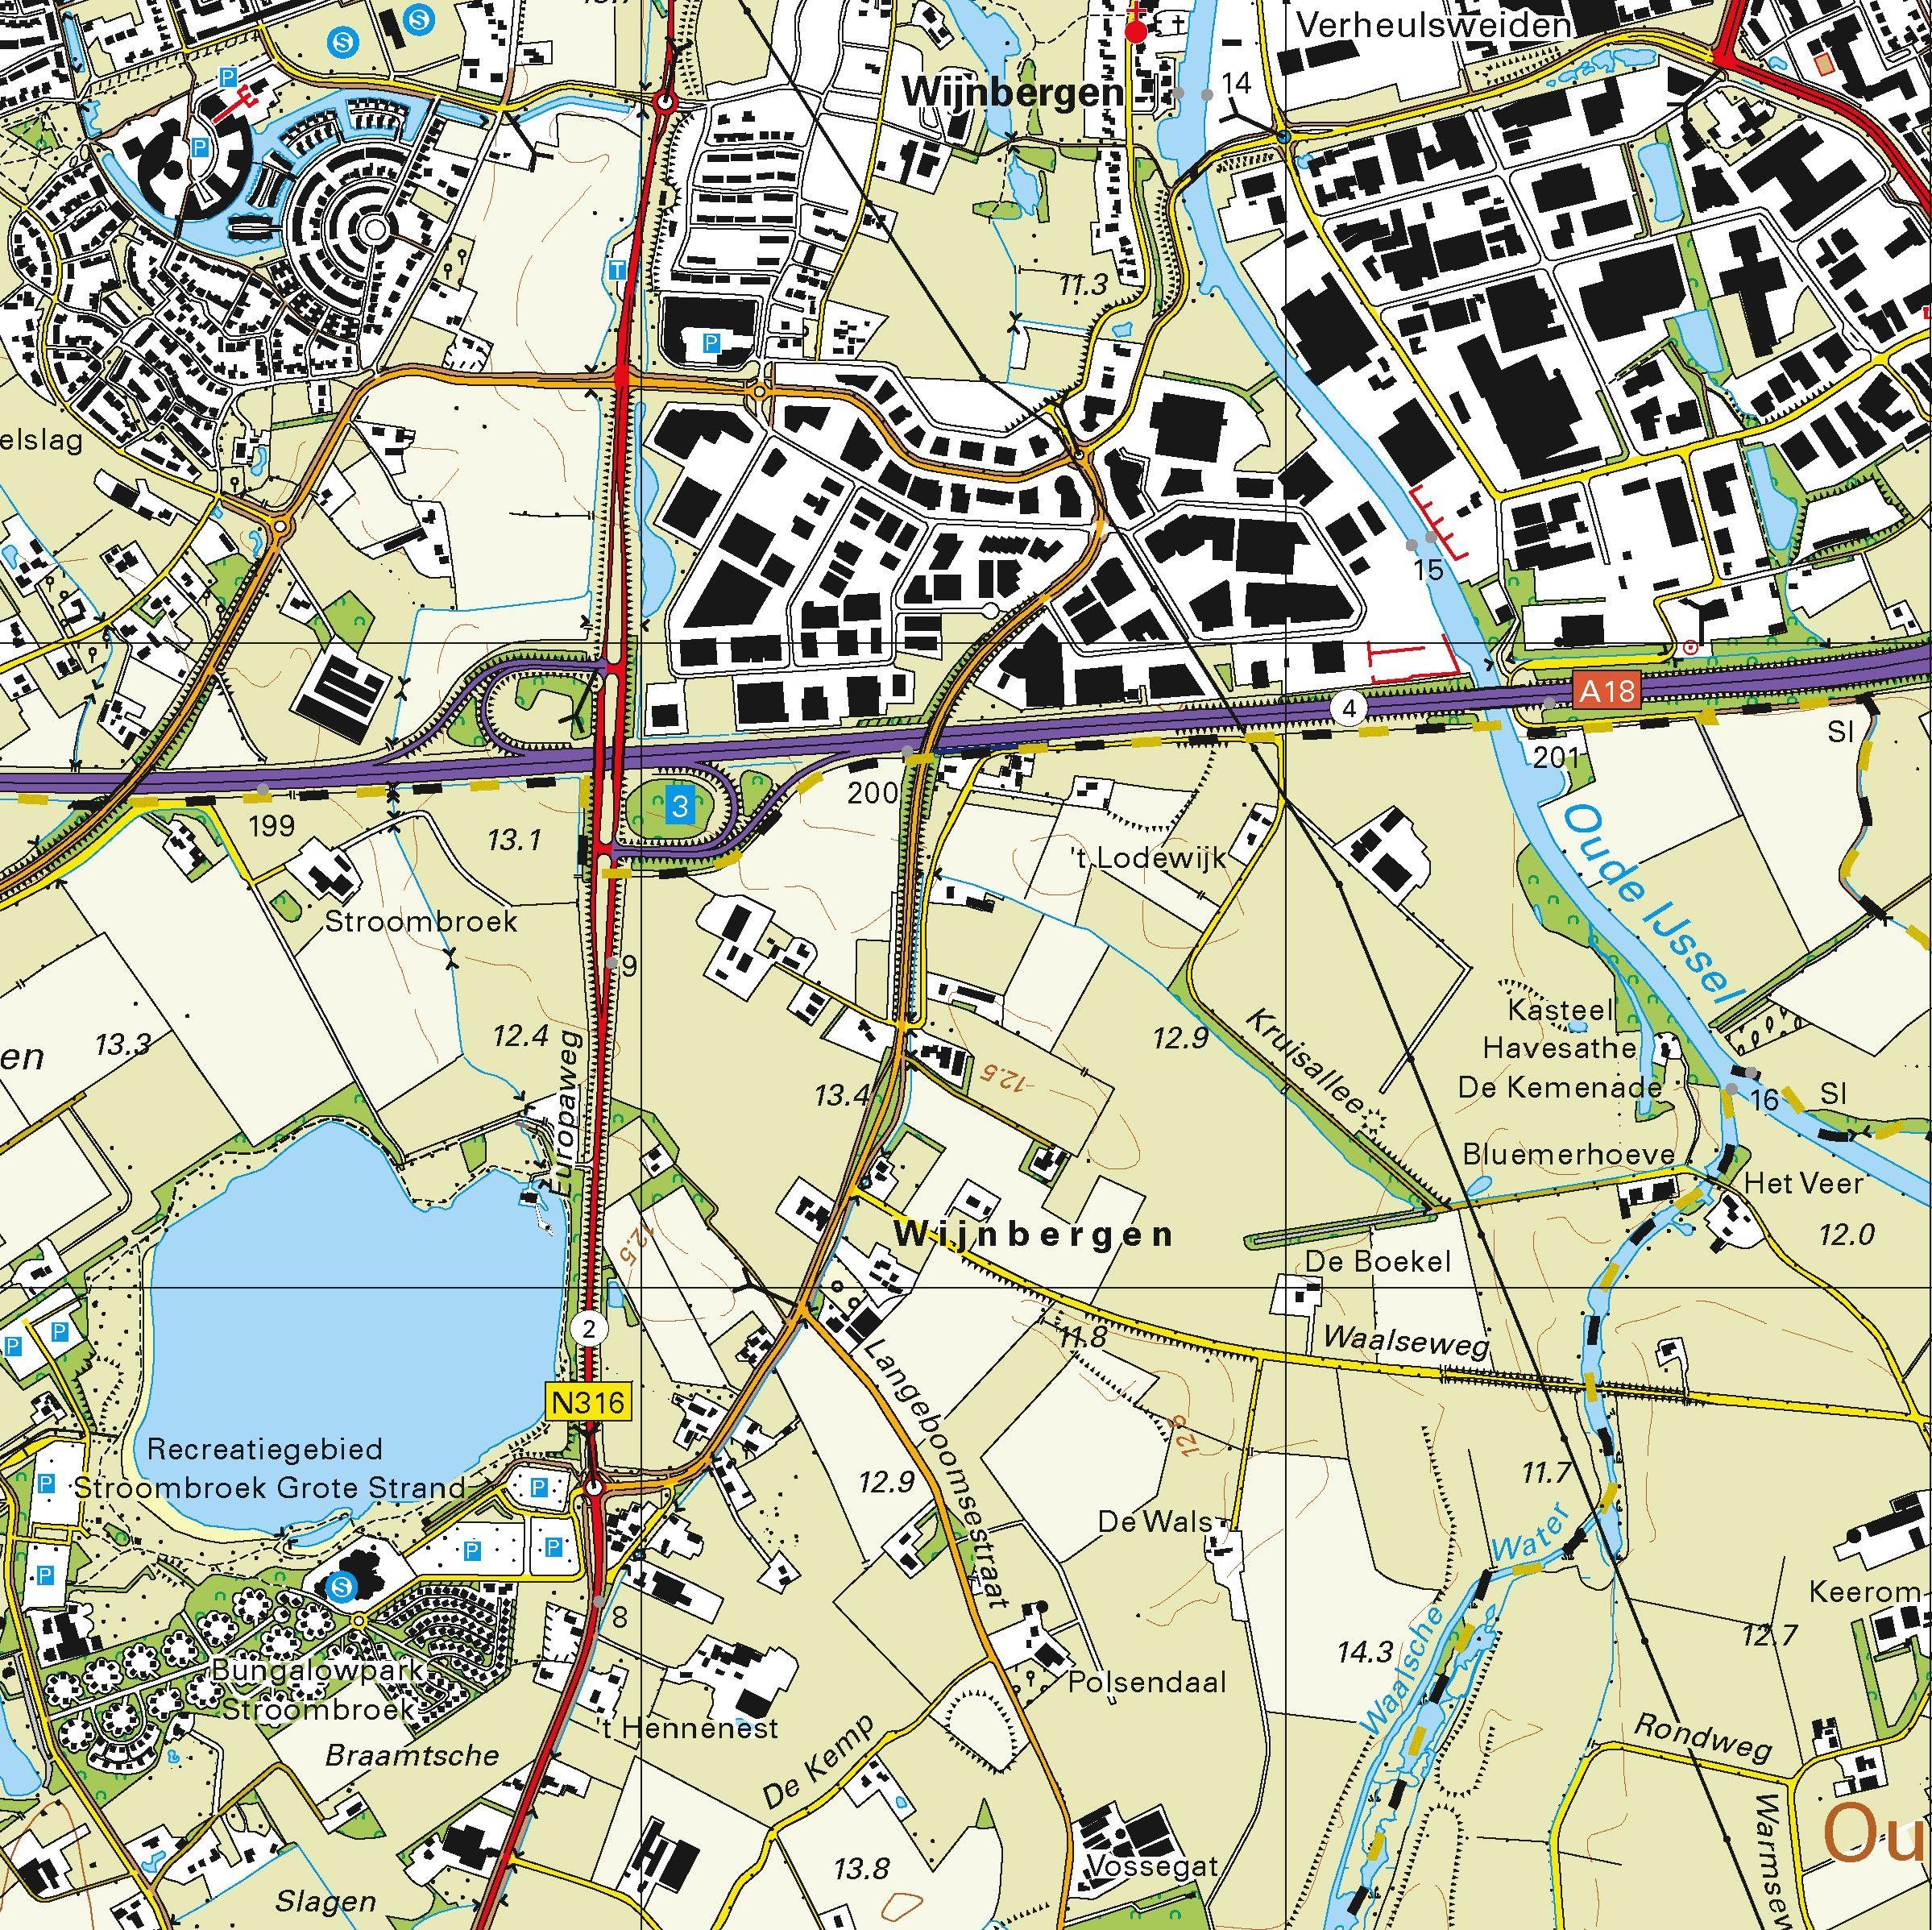 Topografische kaart schaal 1:25.000 (Doetinchem, Zevenaar, Didam, 's-Heerenberg, Zeddam)